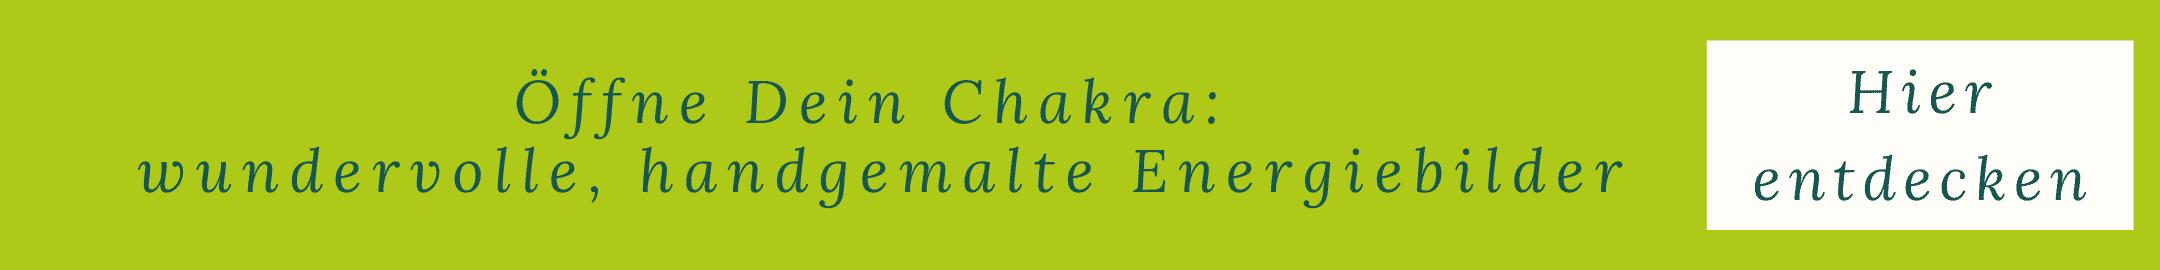 Außergewöhnliche Chakra Bilder online kaufen